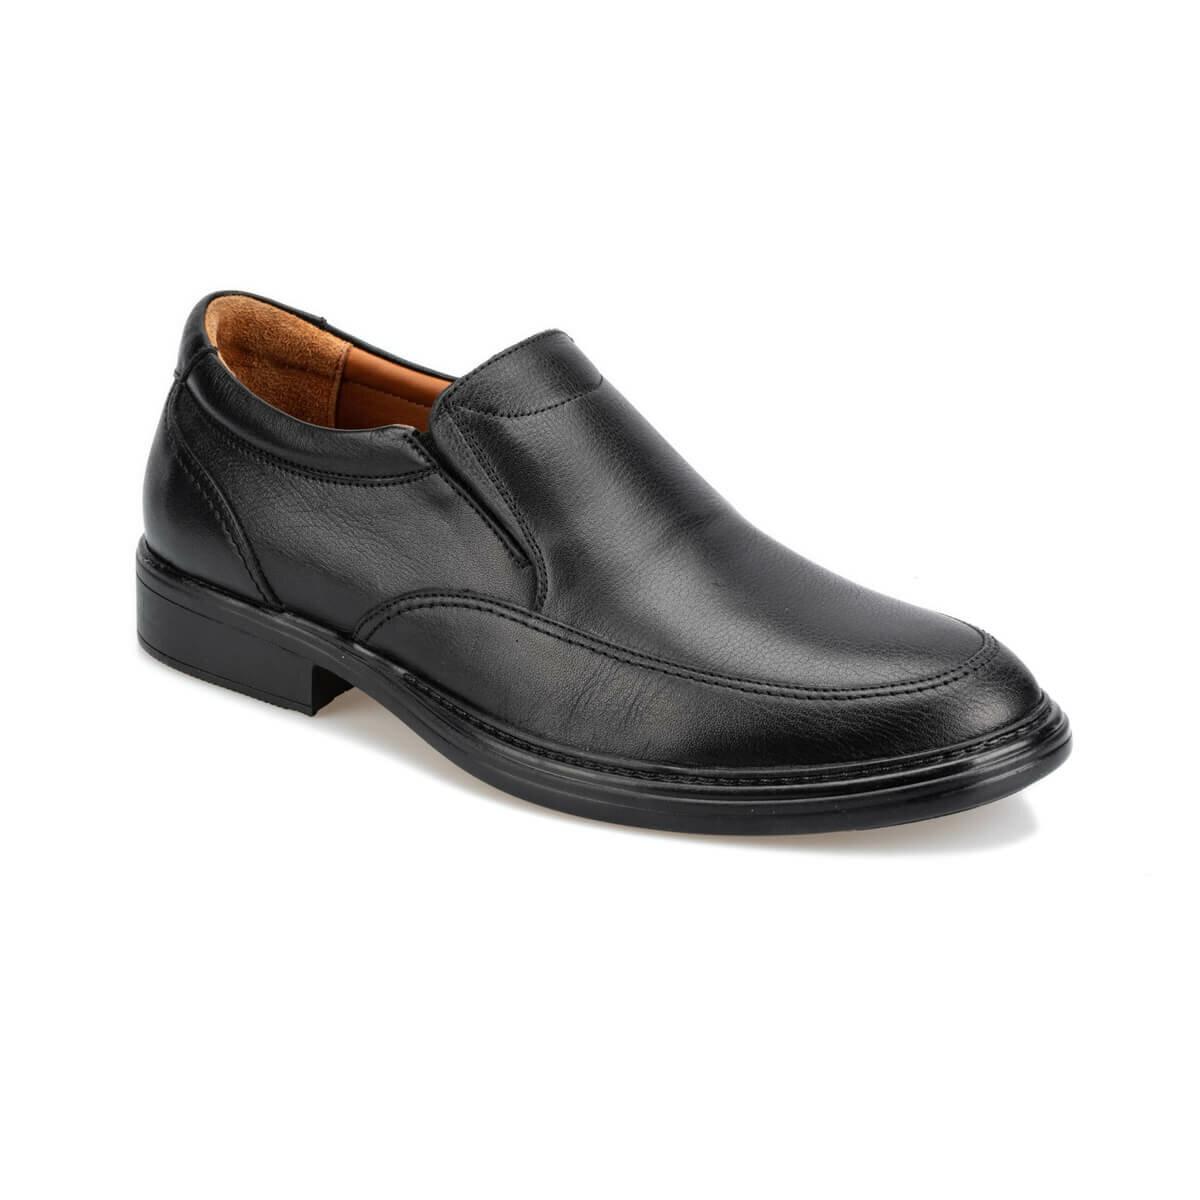 Flo 92.100882.M Zwarte Mannelijke Schoenen Polaris 5 Punt